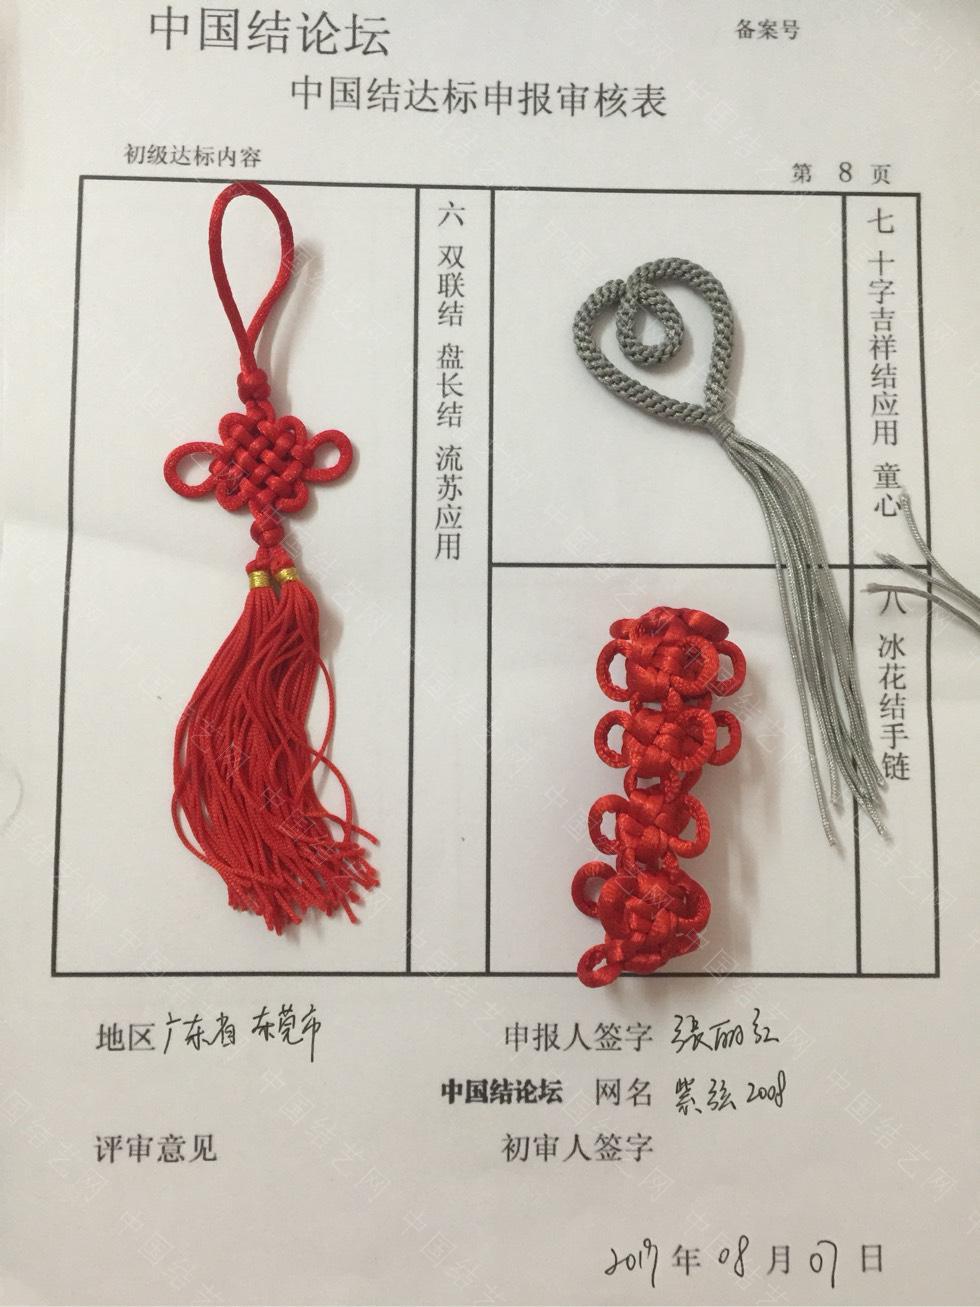 中国结论坛 紫弦2008--初级达标申请稿件 紫袖红弦是什么意思,自备稿件《我》,蓬莱间紫弦插曲,安全小稿件 中国绳结艺术分级达标审核 004521a0hschzbw0dszseo